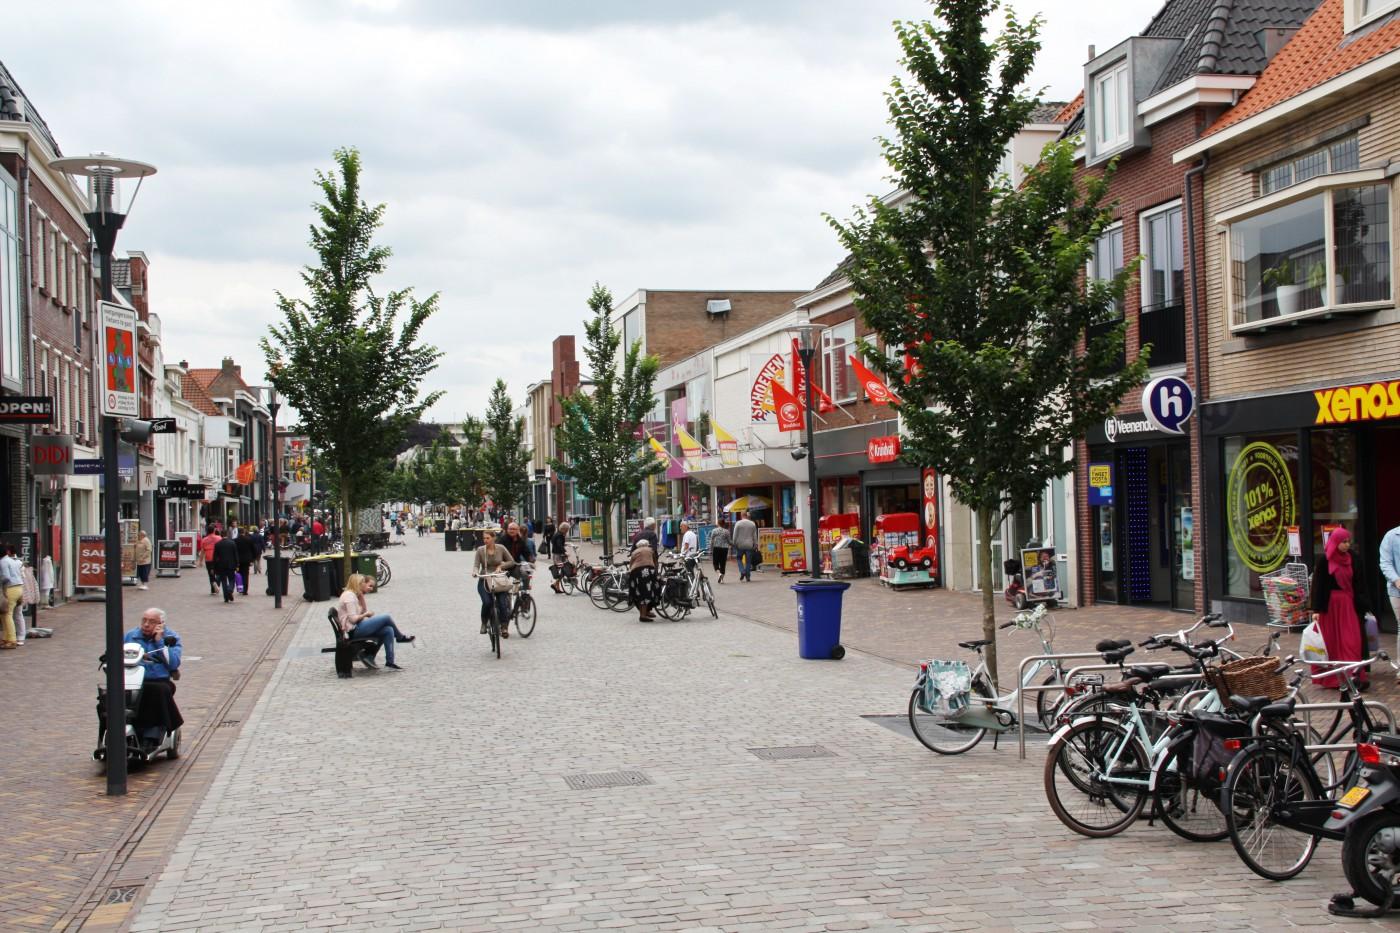 buro-sant-en-co-landschapsarchitectuur-veenendaal-winkelgebied-hoofdstraat-winkelstraat-herinrichting-2